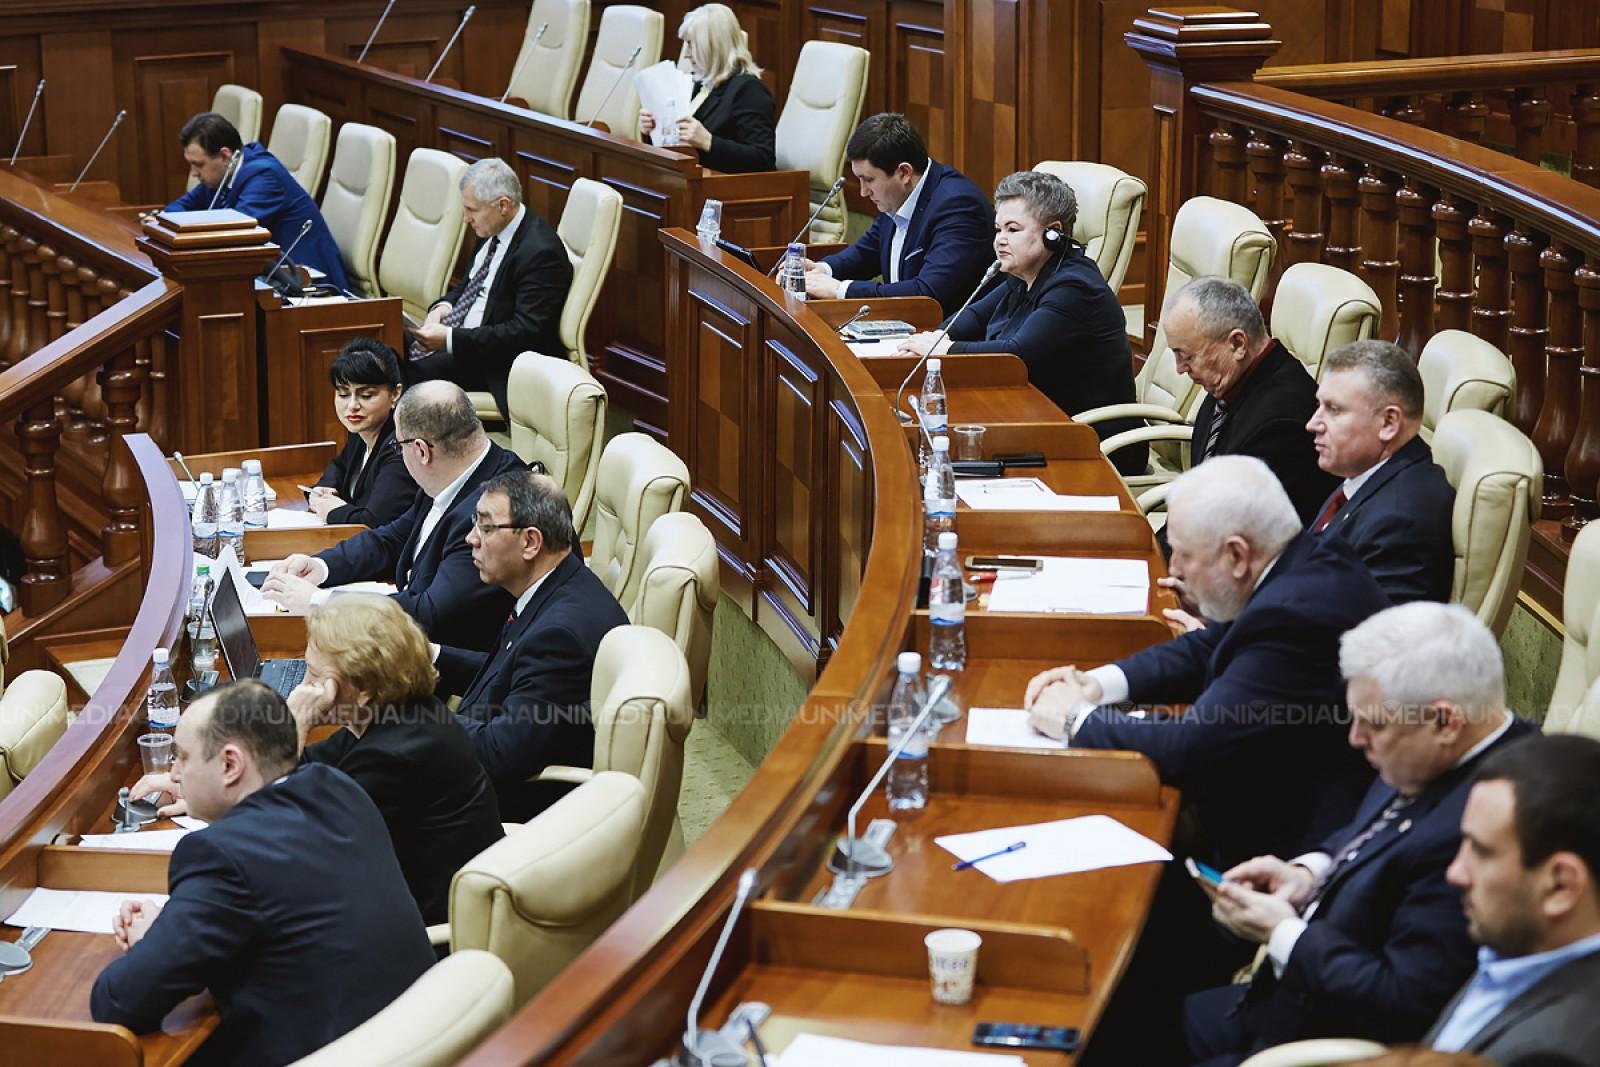 (live/update) Ședința Parlamentului s-a încheiat: Deputații au votat toate proiectele